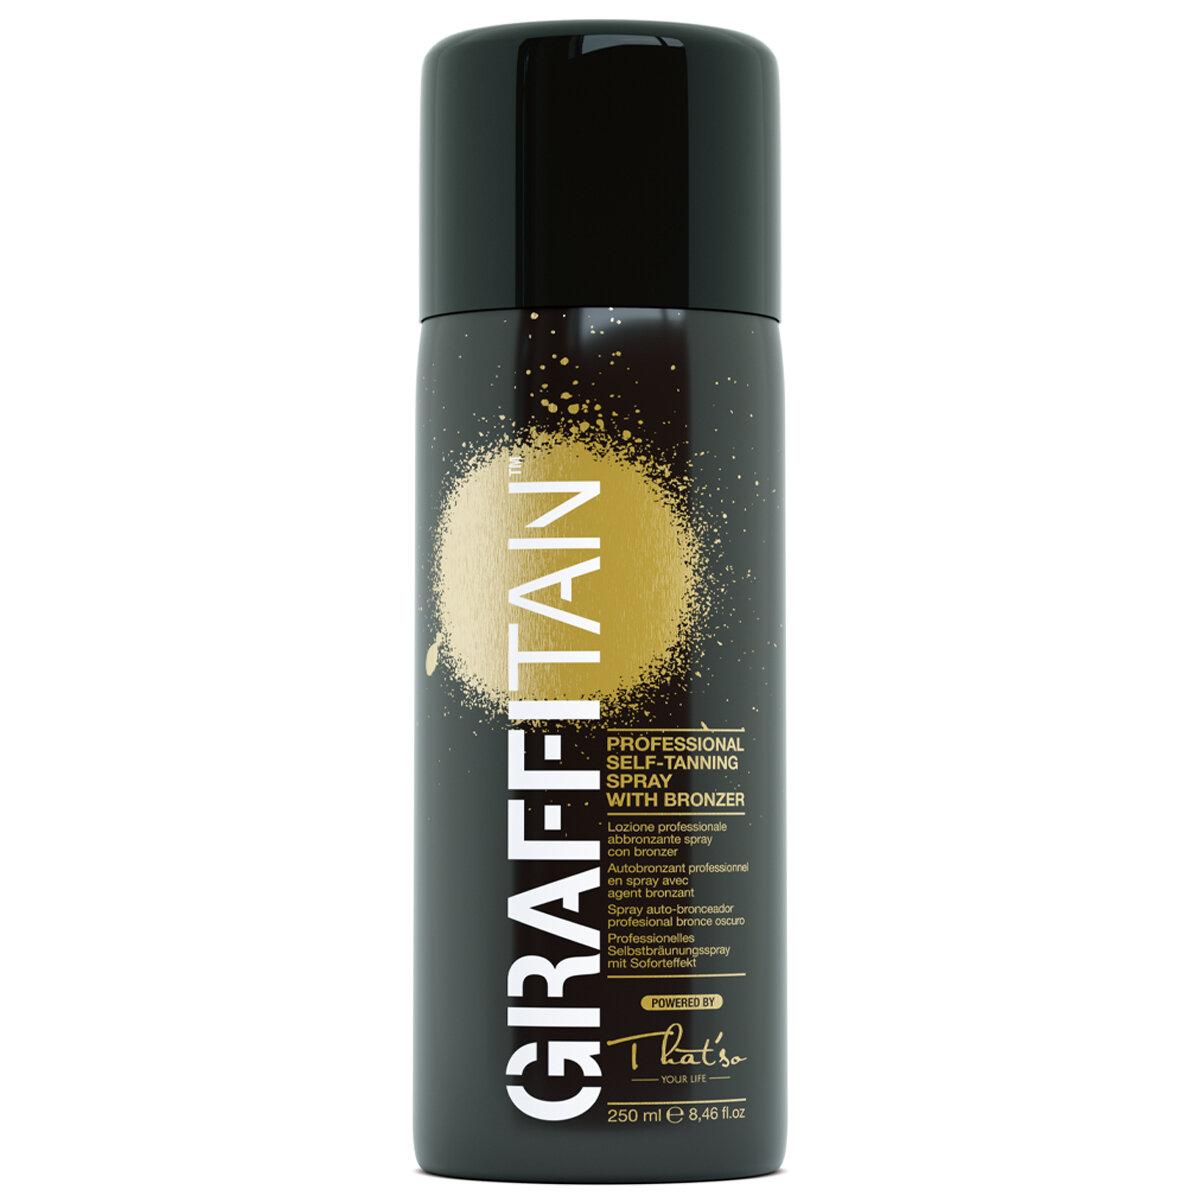 Граффитан - профессиональный мгновенный спрей-автозагар Темный бронзово-золотистый, можно наносить поверх макияжа/ GRAFFITAN That'so